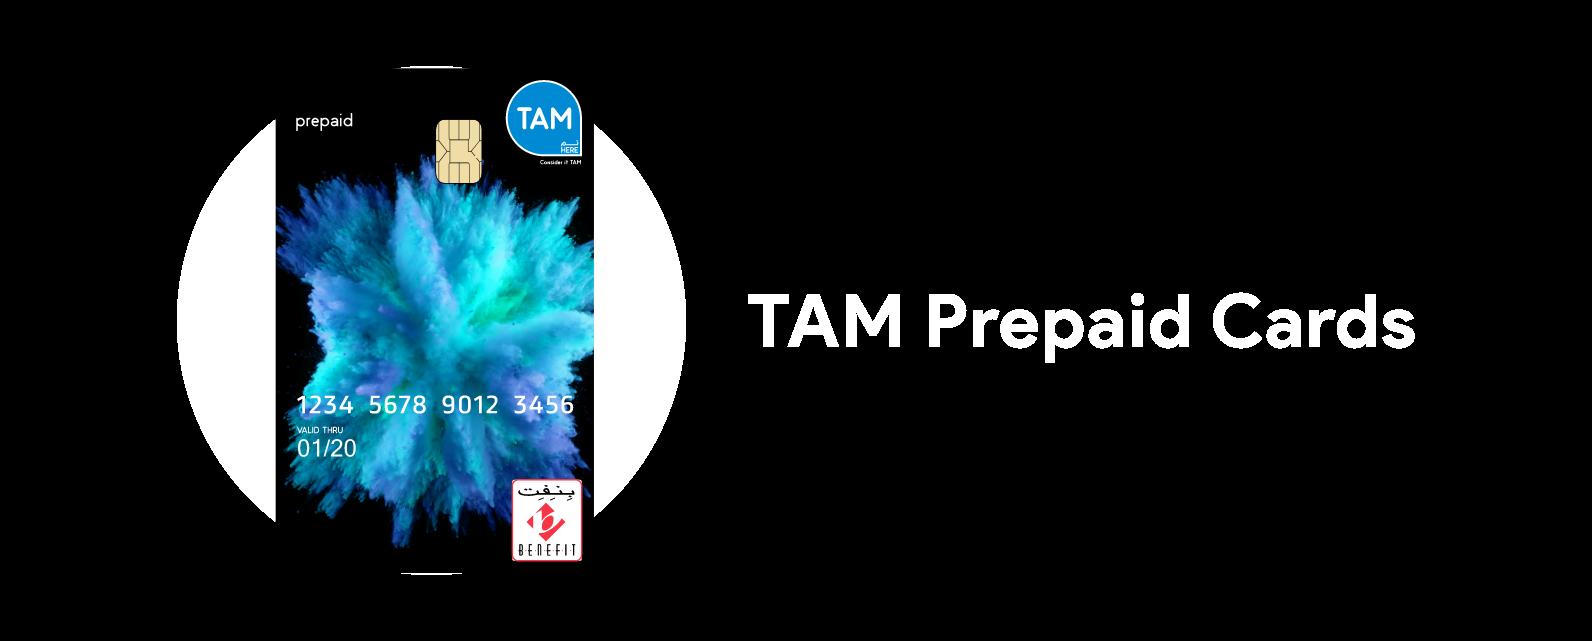 TAM Prepaid Card